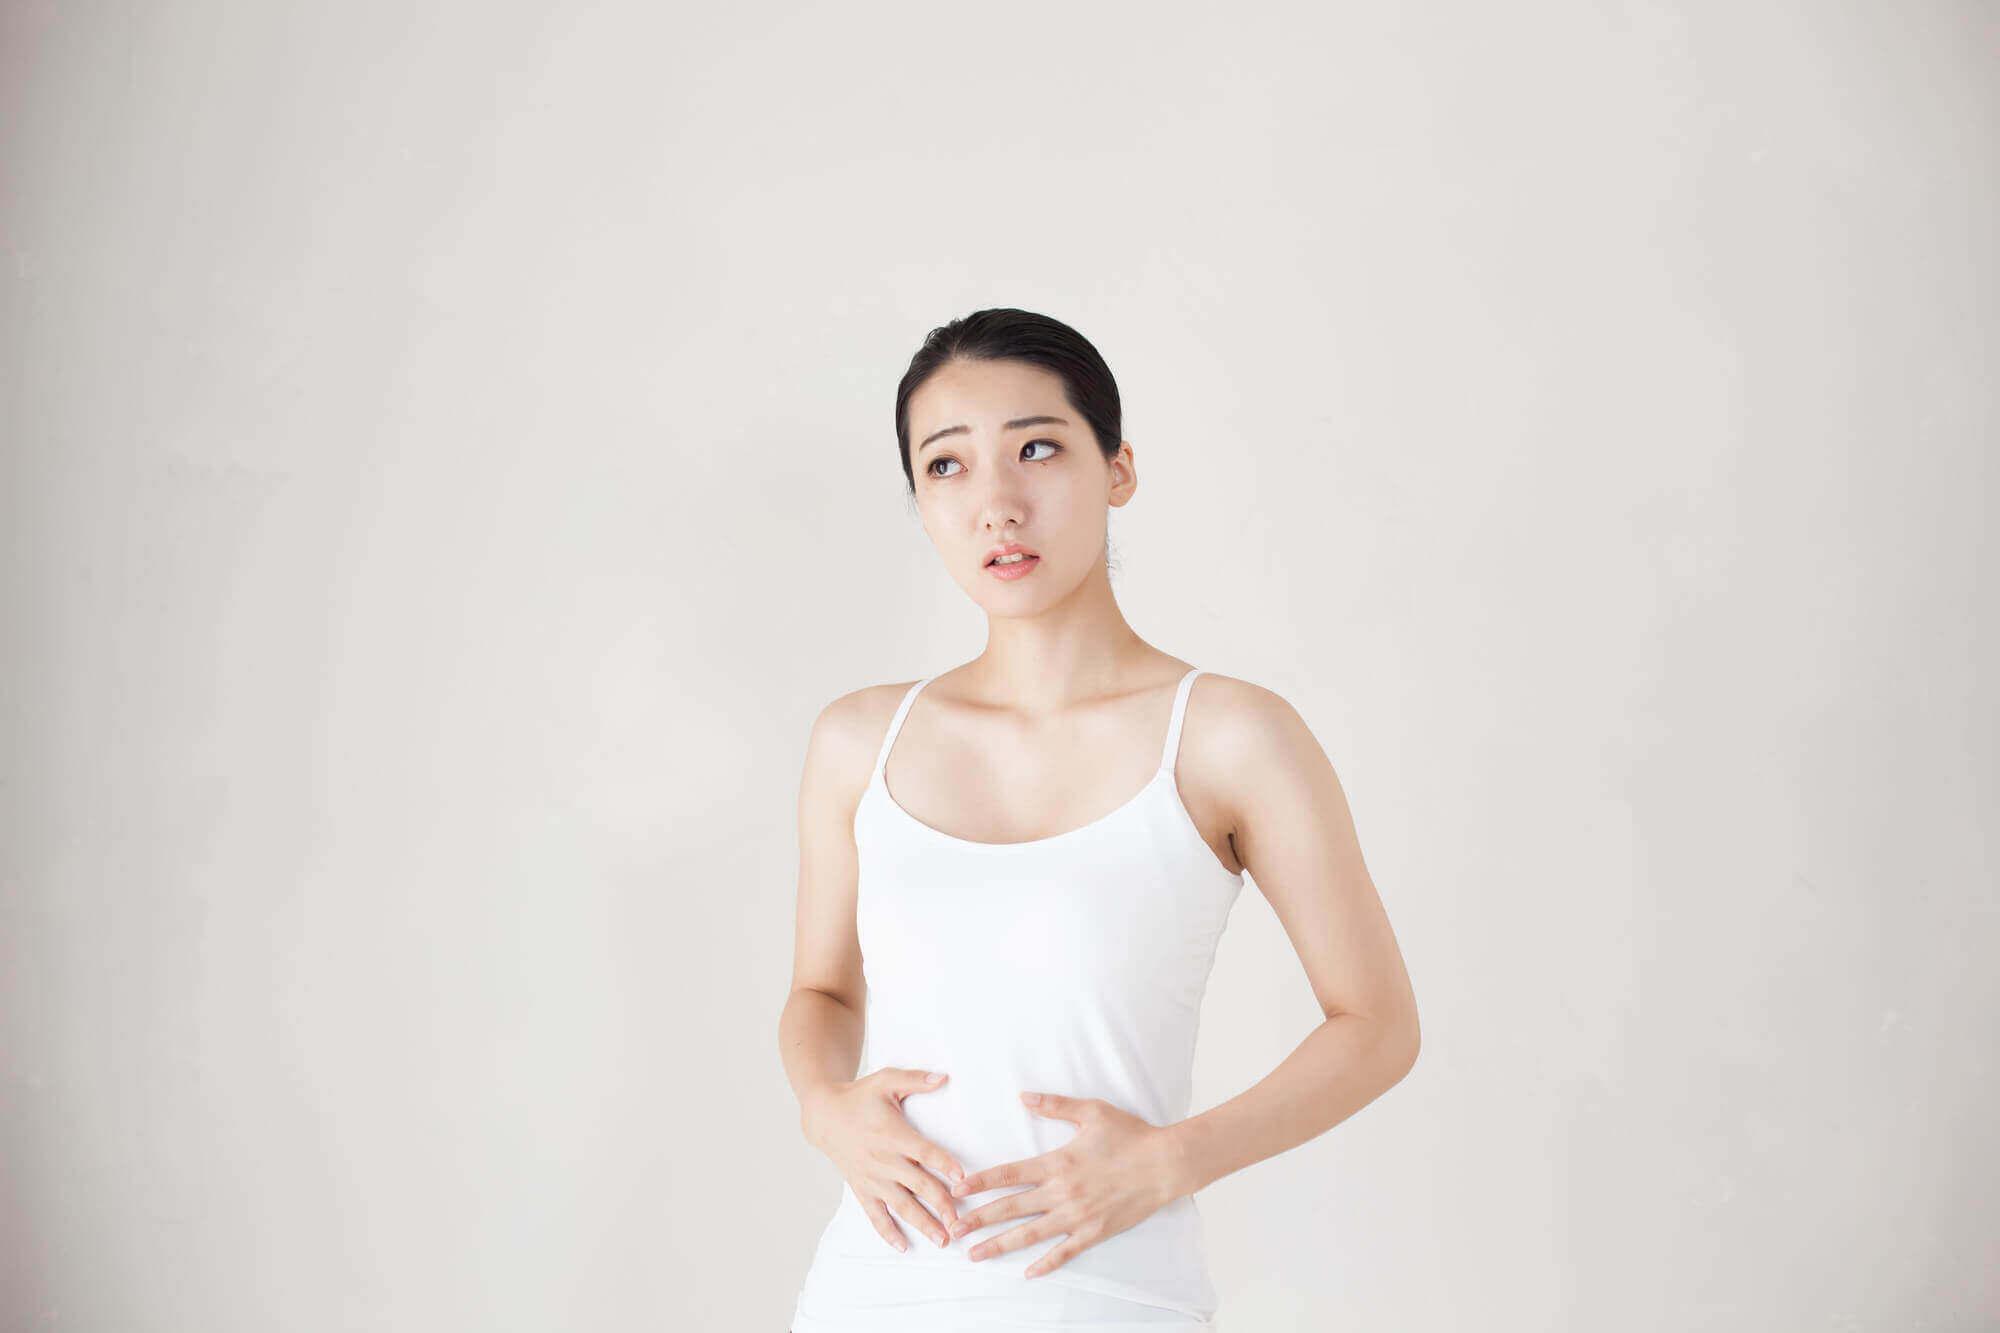 『生理中は母乳量が減りますか?』